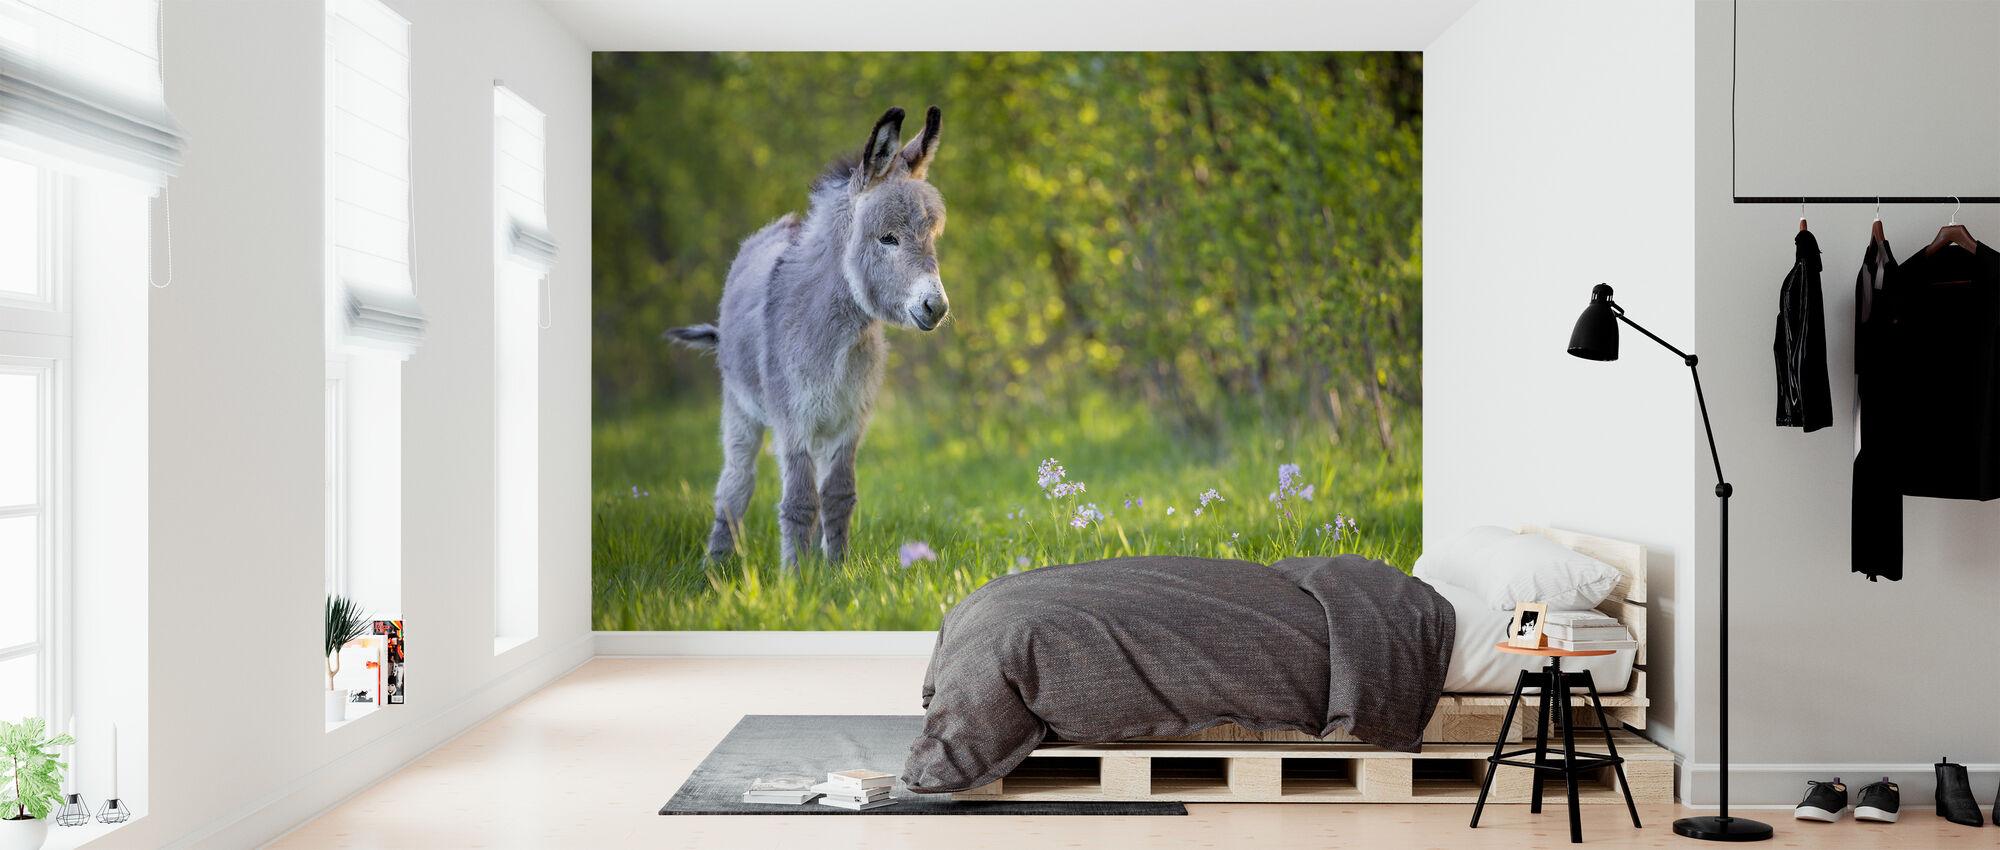 Ezelveulen staand in een weide - Behang - Slaapkamer